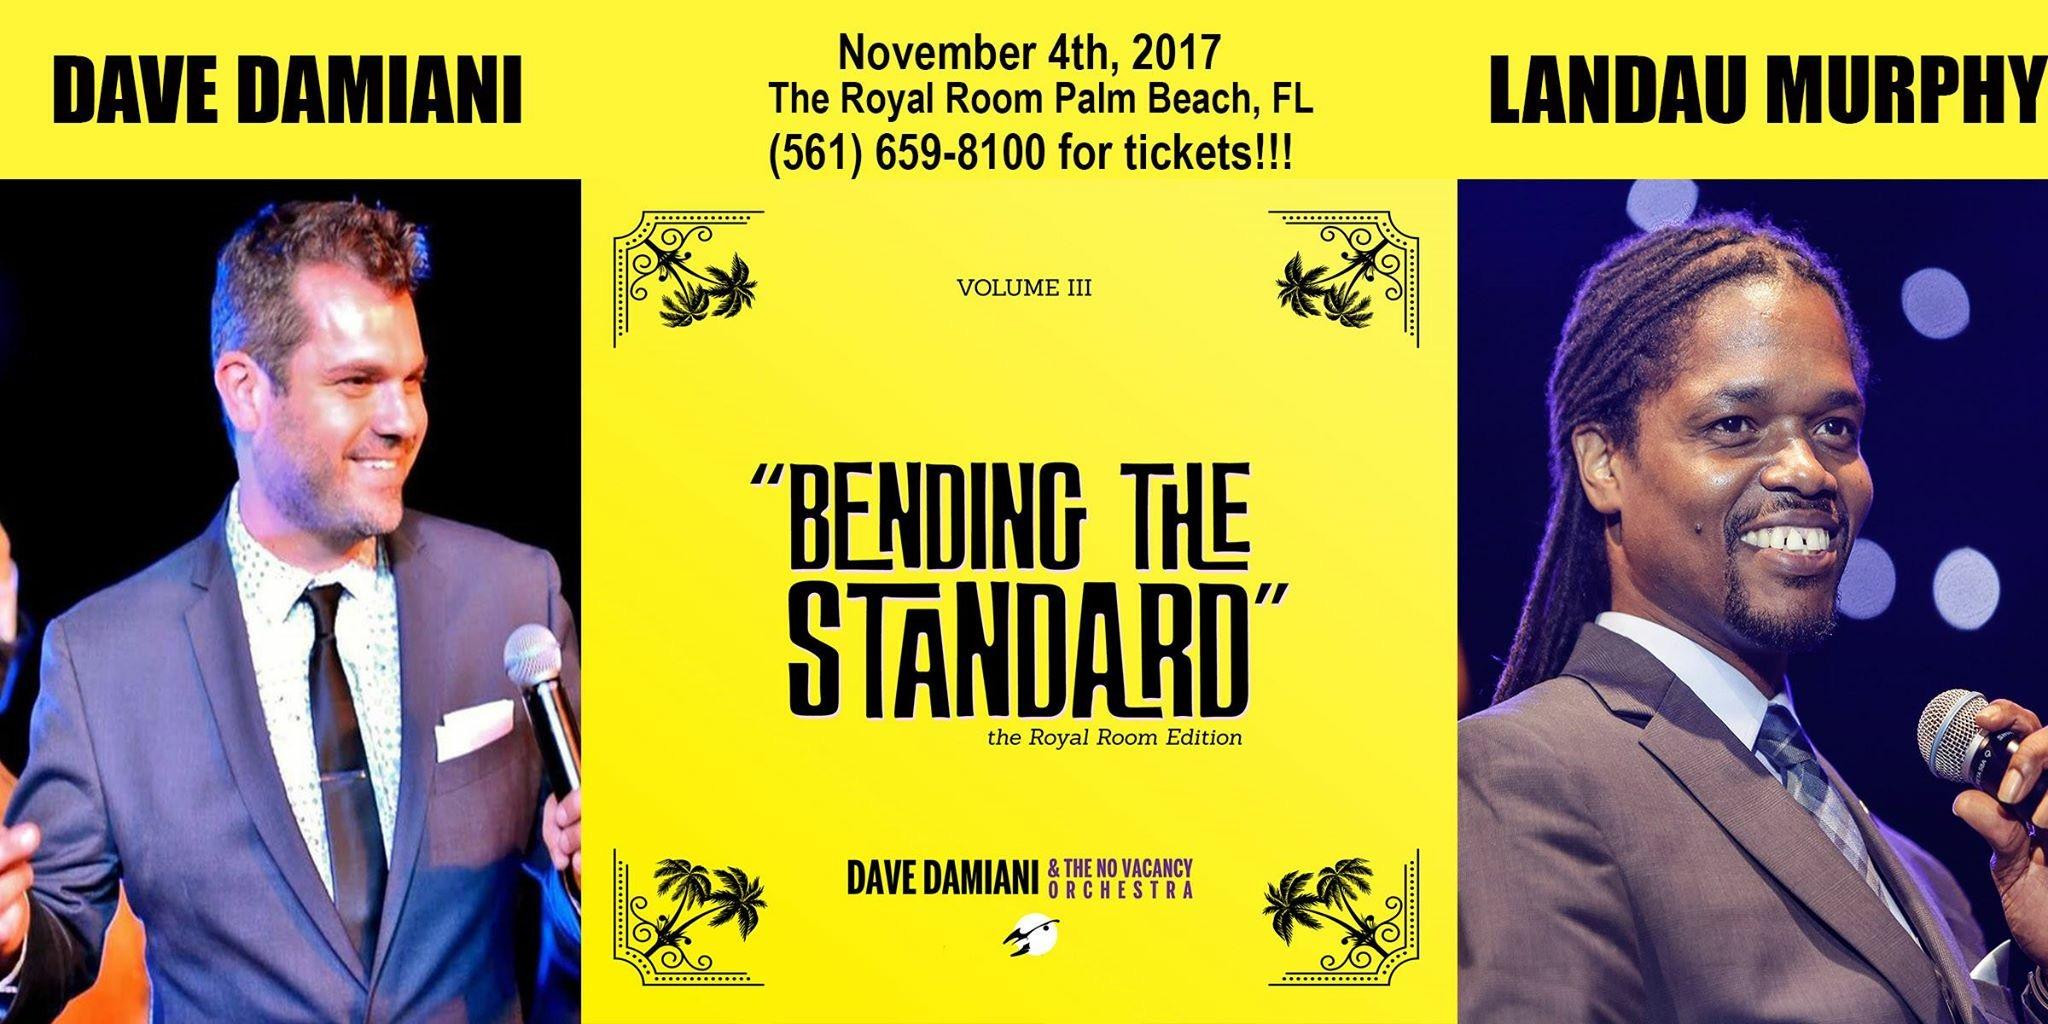 BENDING THE STANDARD - Dave Damiani & Landau Murphy Jr